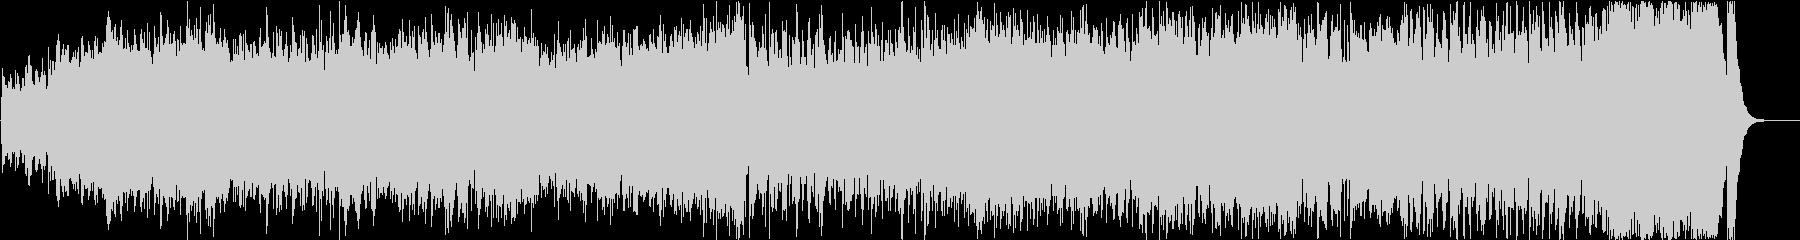 ダークでエキゾチックな壮大オーケストラ1の未再生の波形